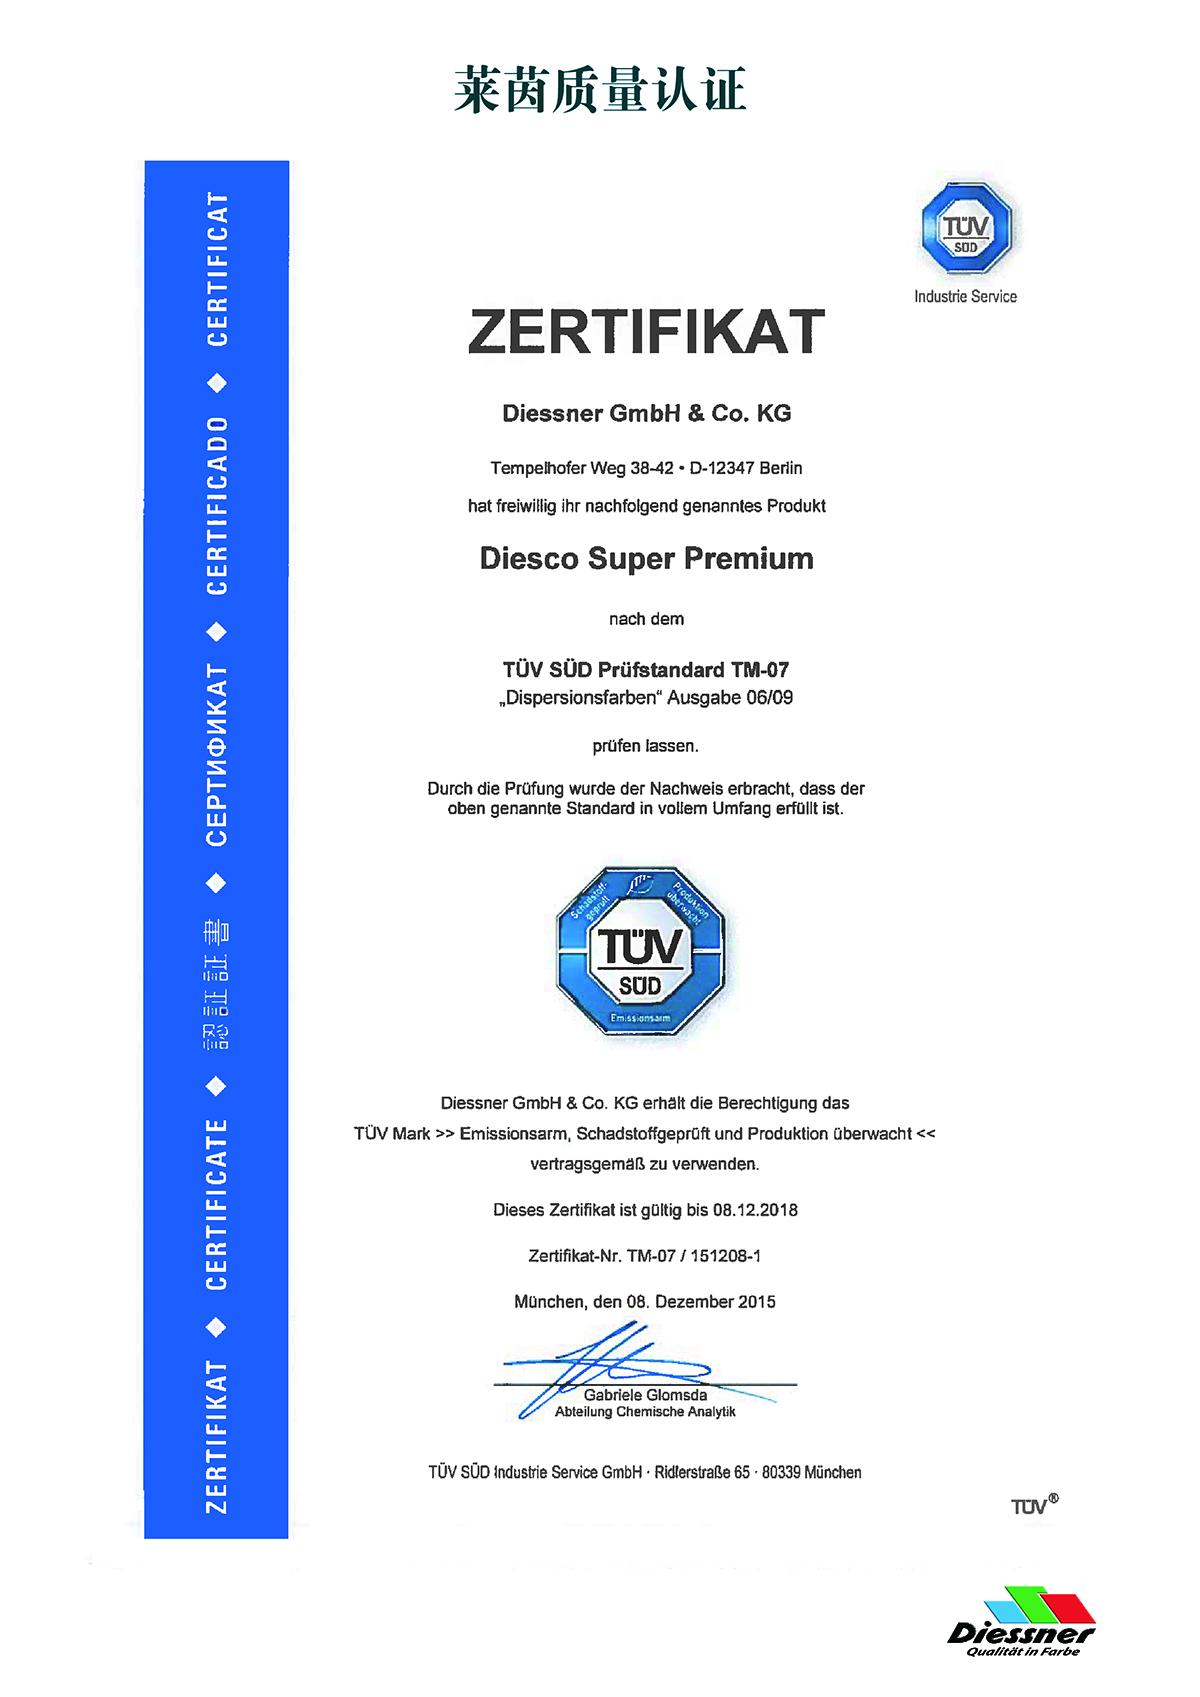 莱茵质量认证